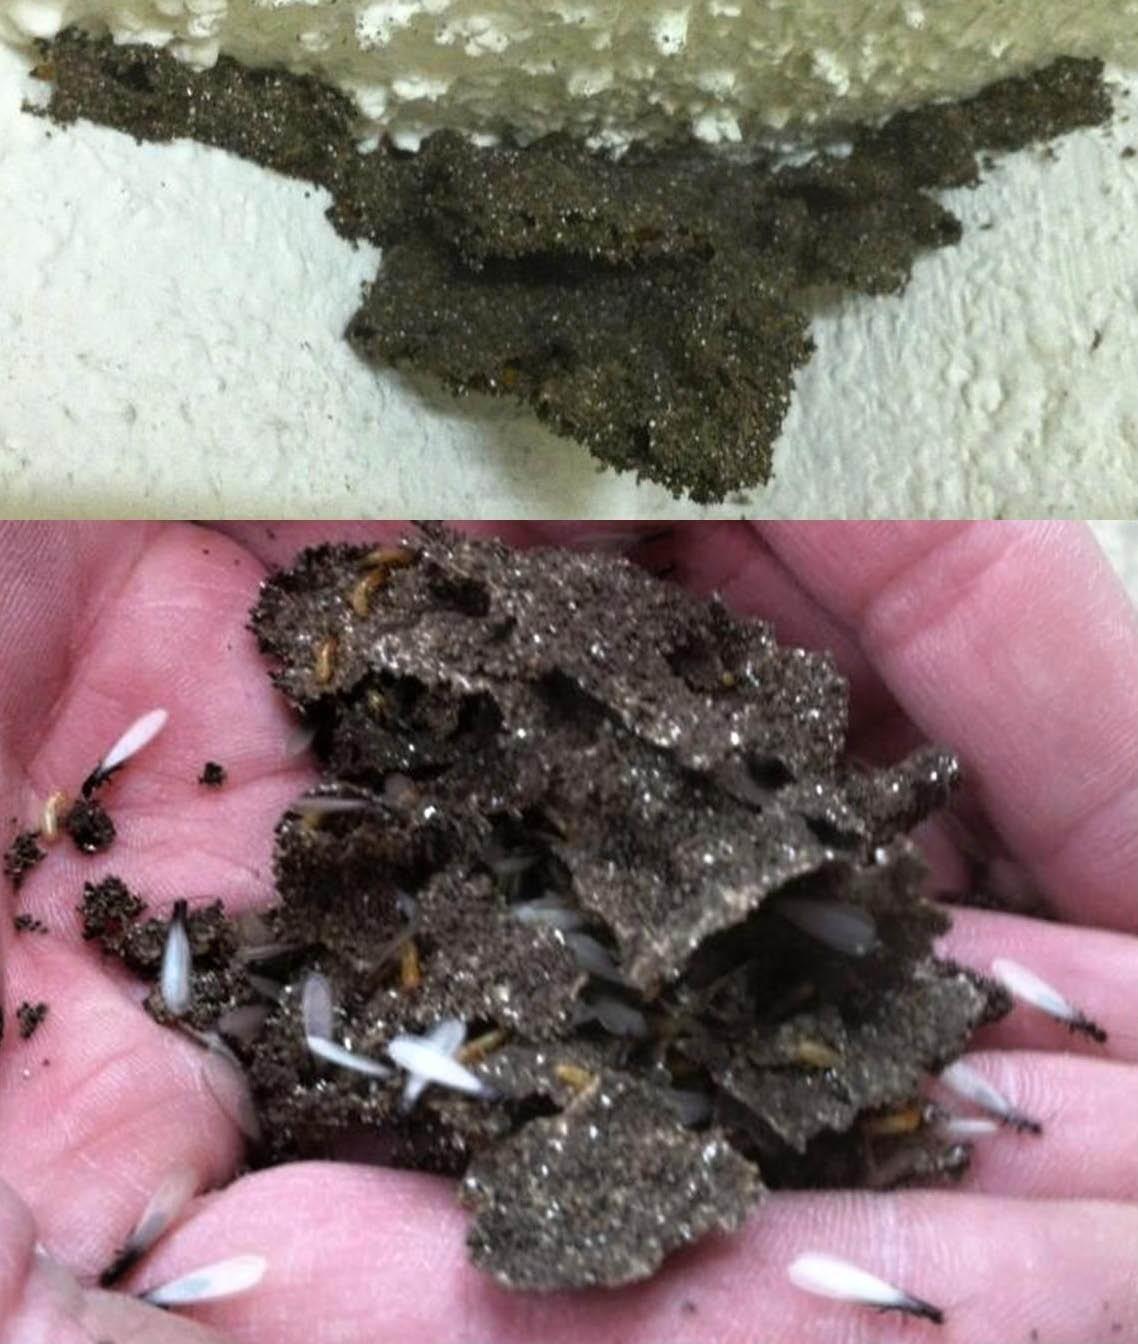 termite classic pest control in azle, tx